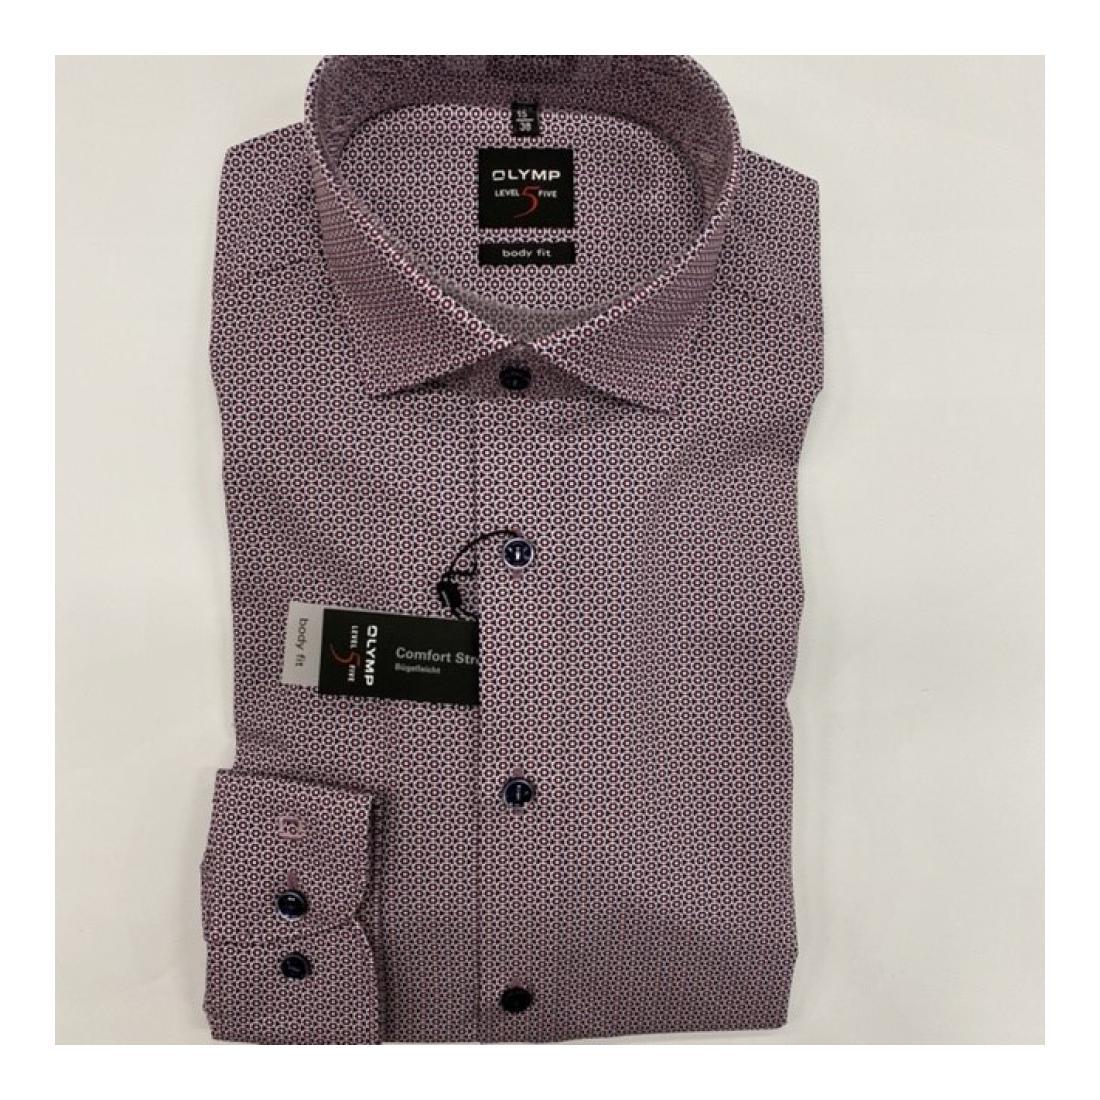 Olymp Casual Hemden Herren 2108/54 Hemden